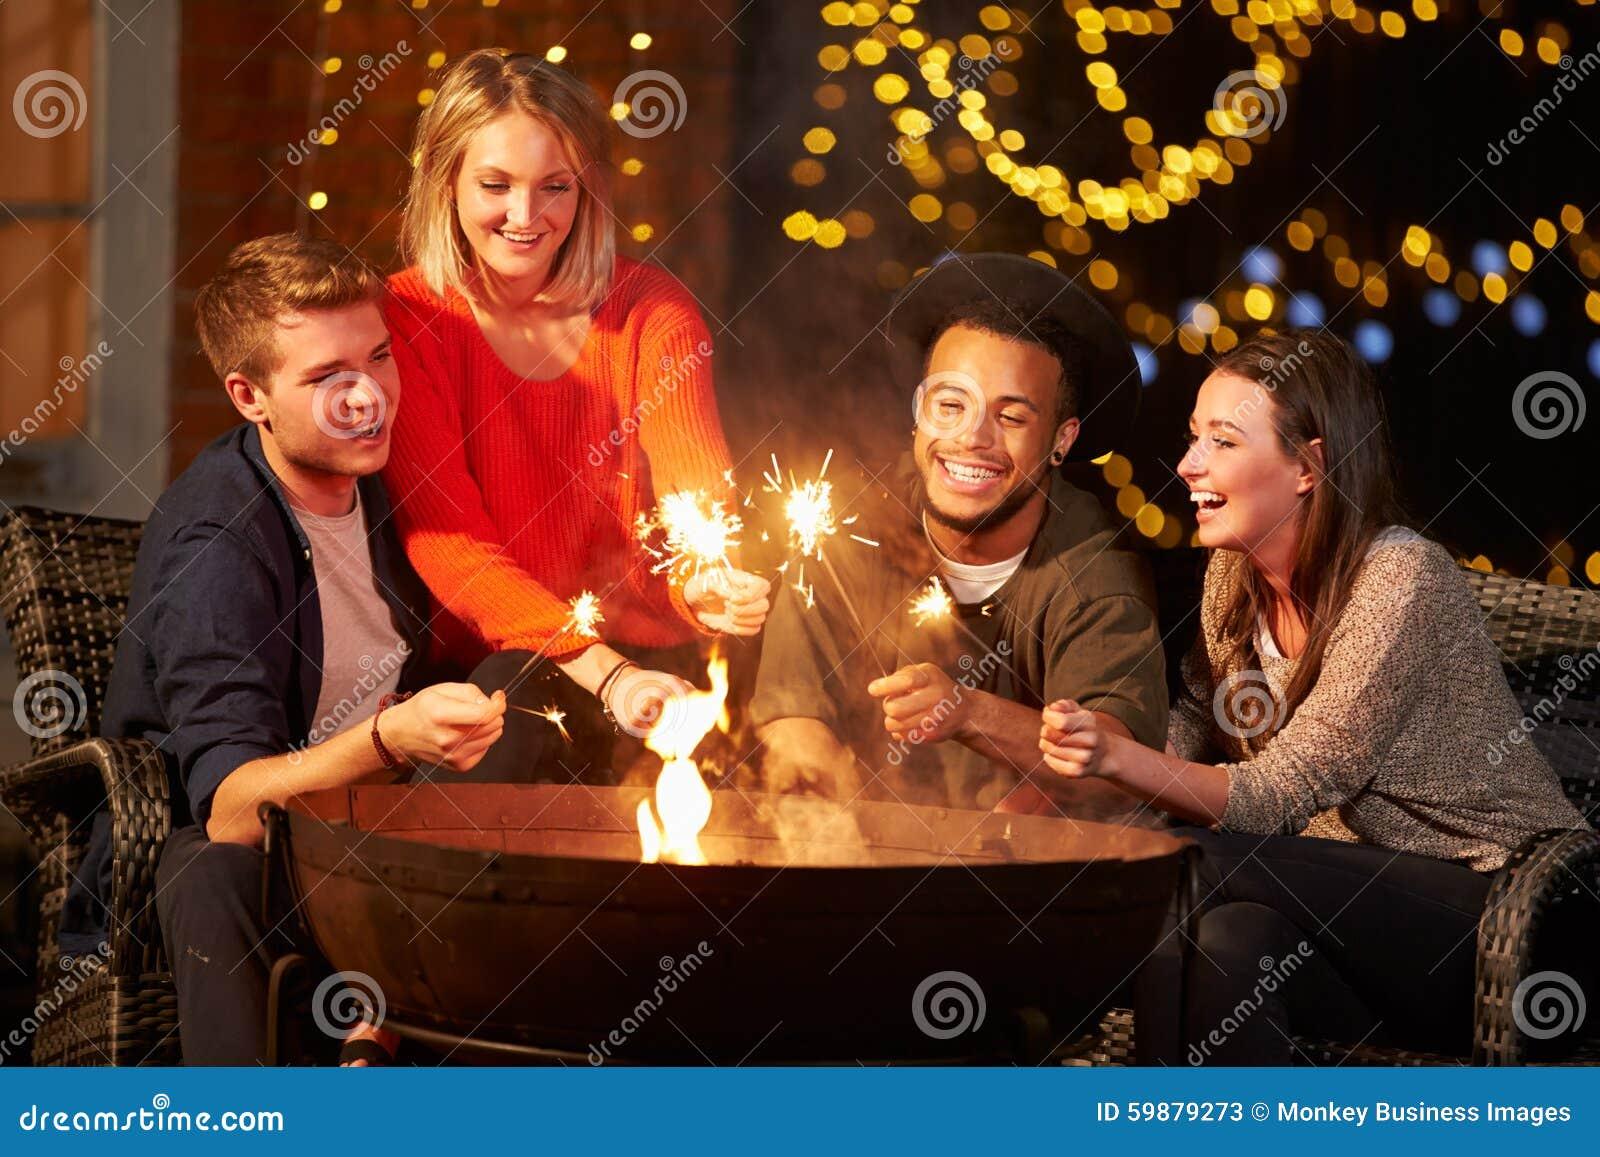 点燃闪烁发光物的小组朋友Firepit